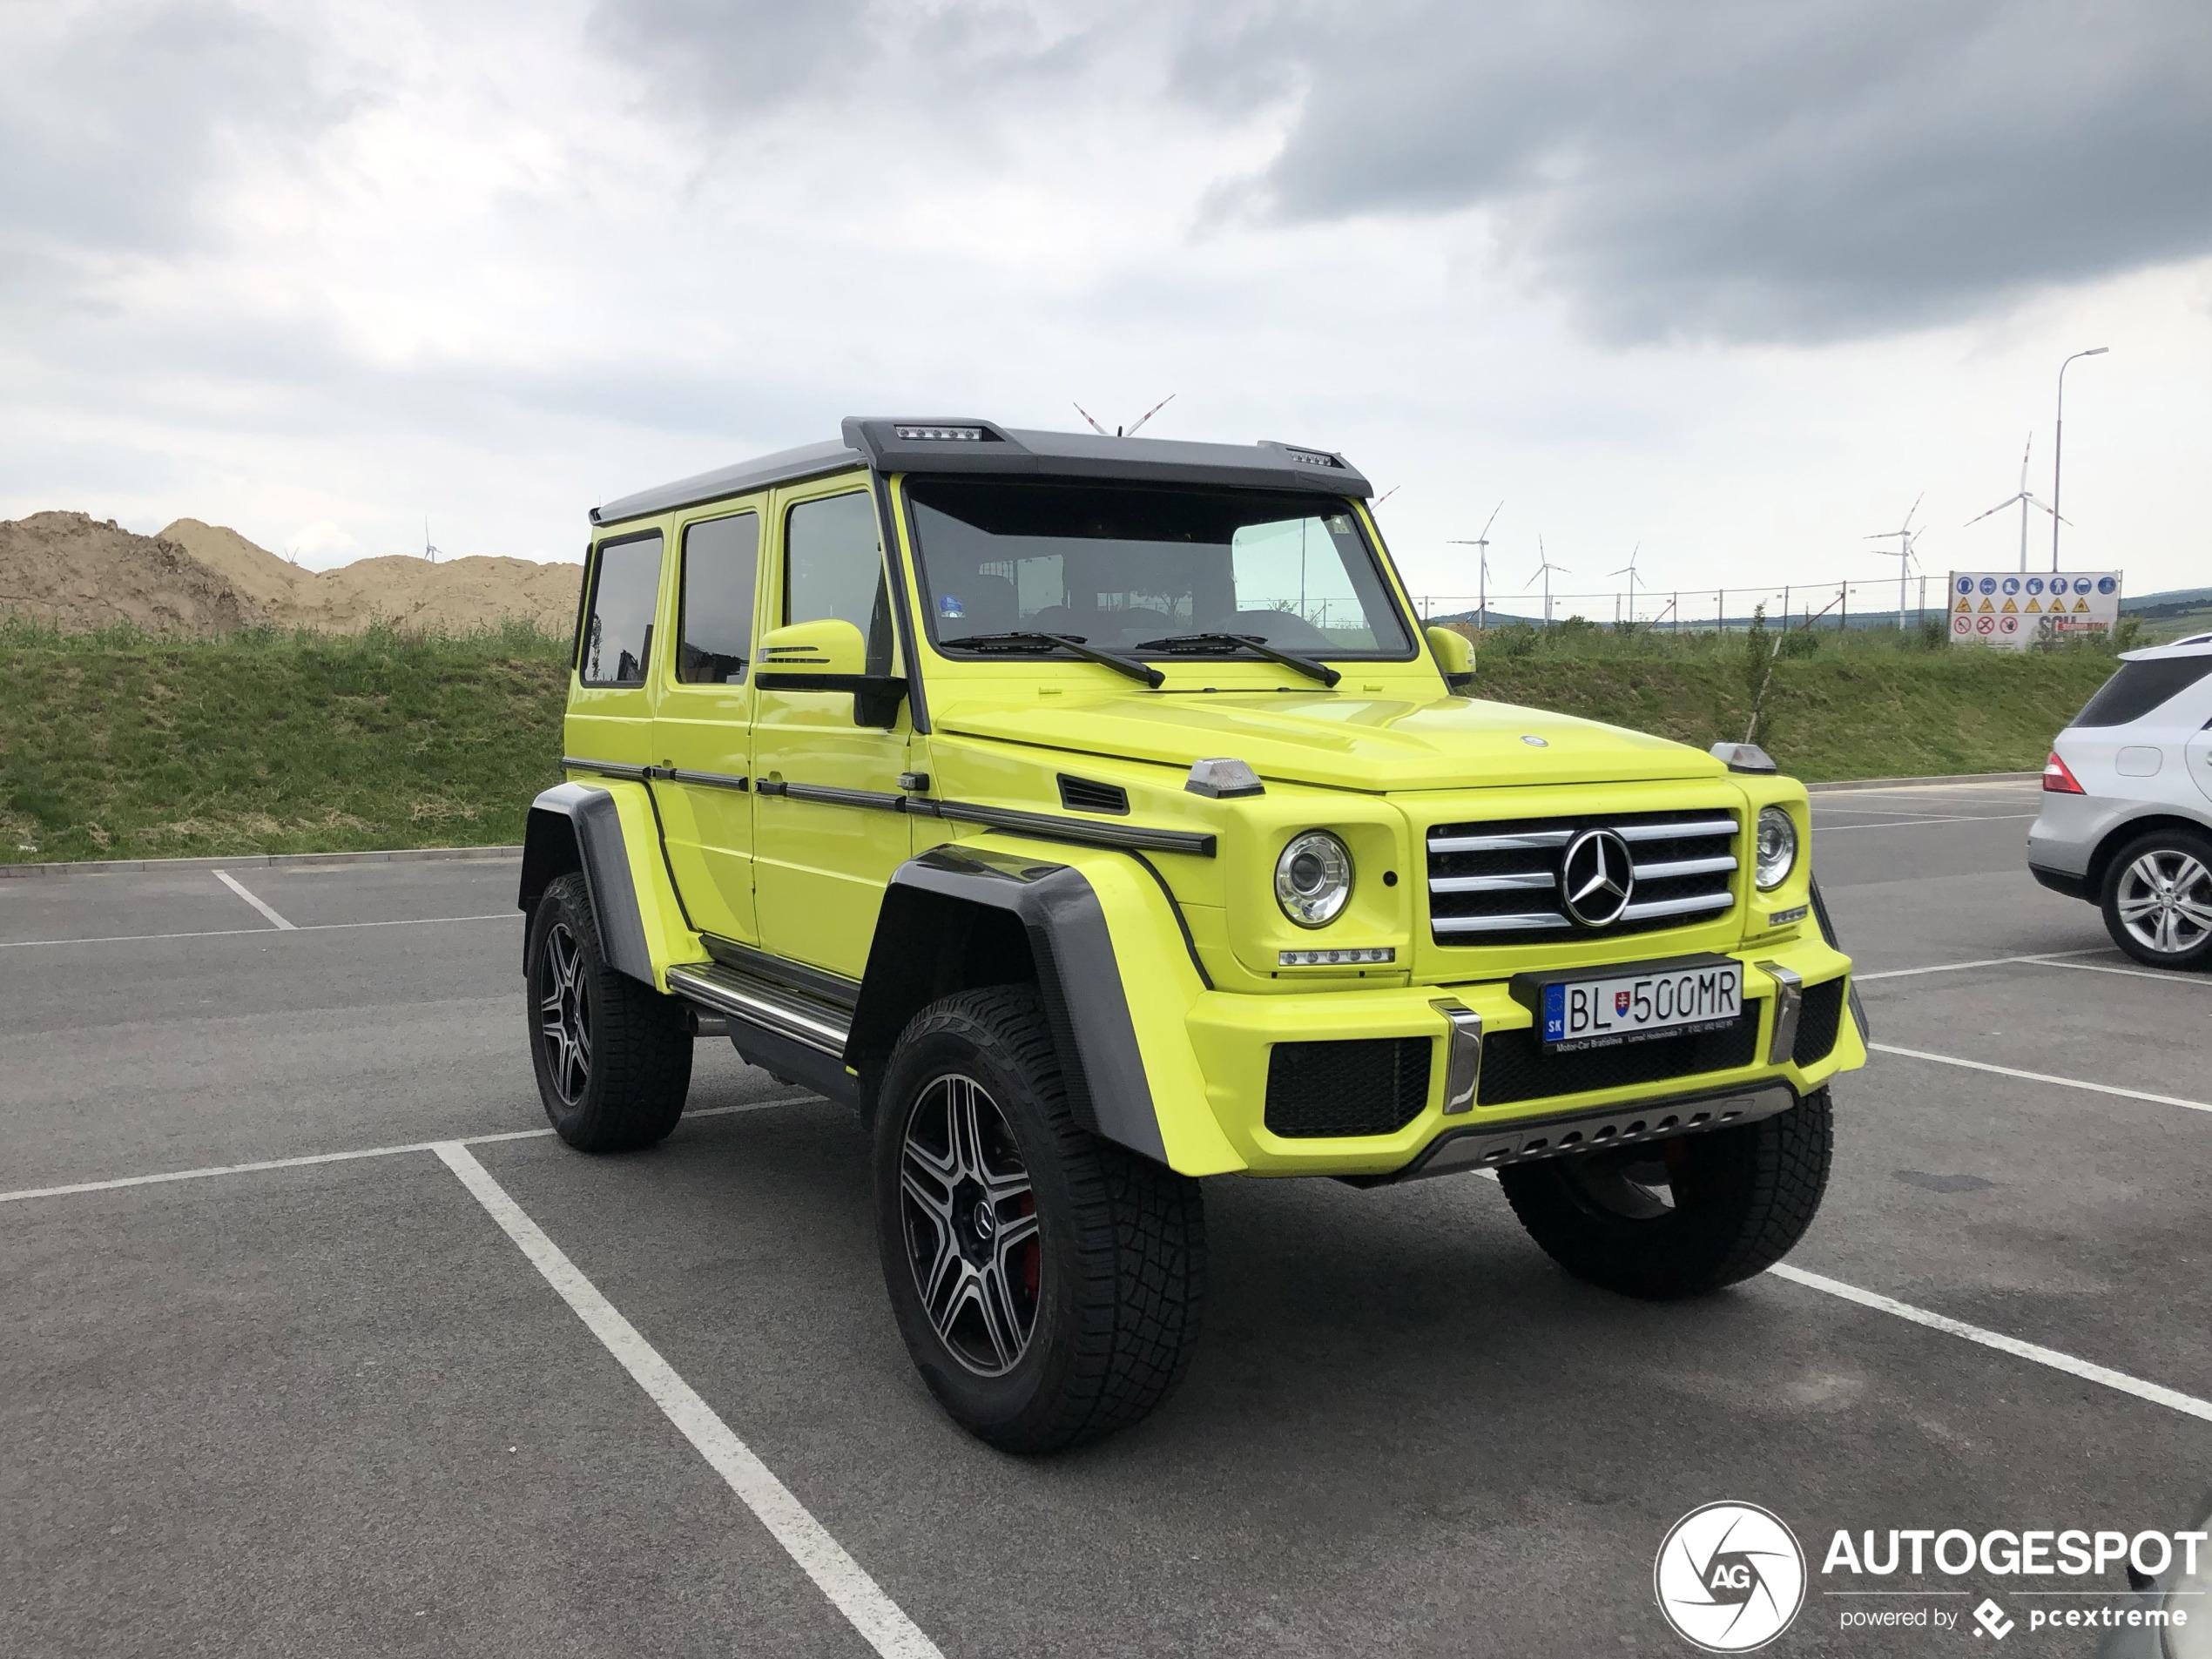 Mercedes-Benz G 500 4X4² populair in het geel